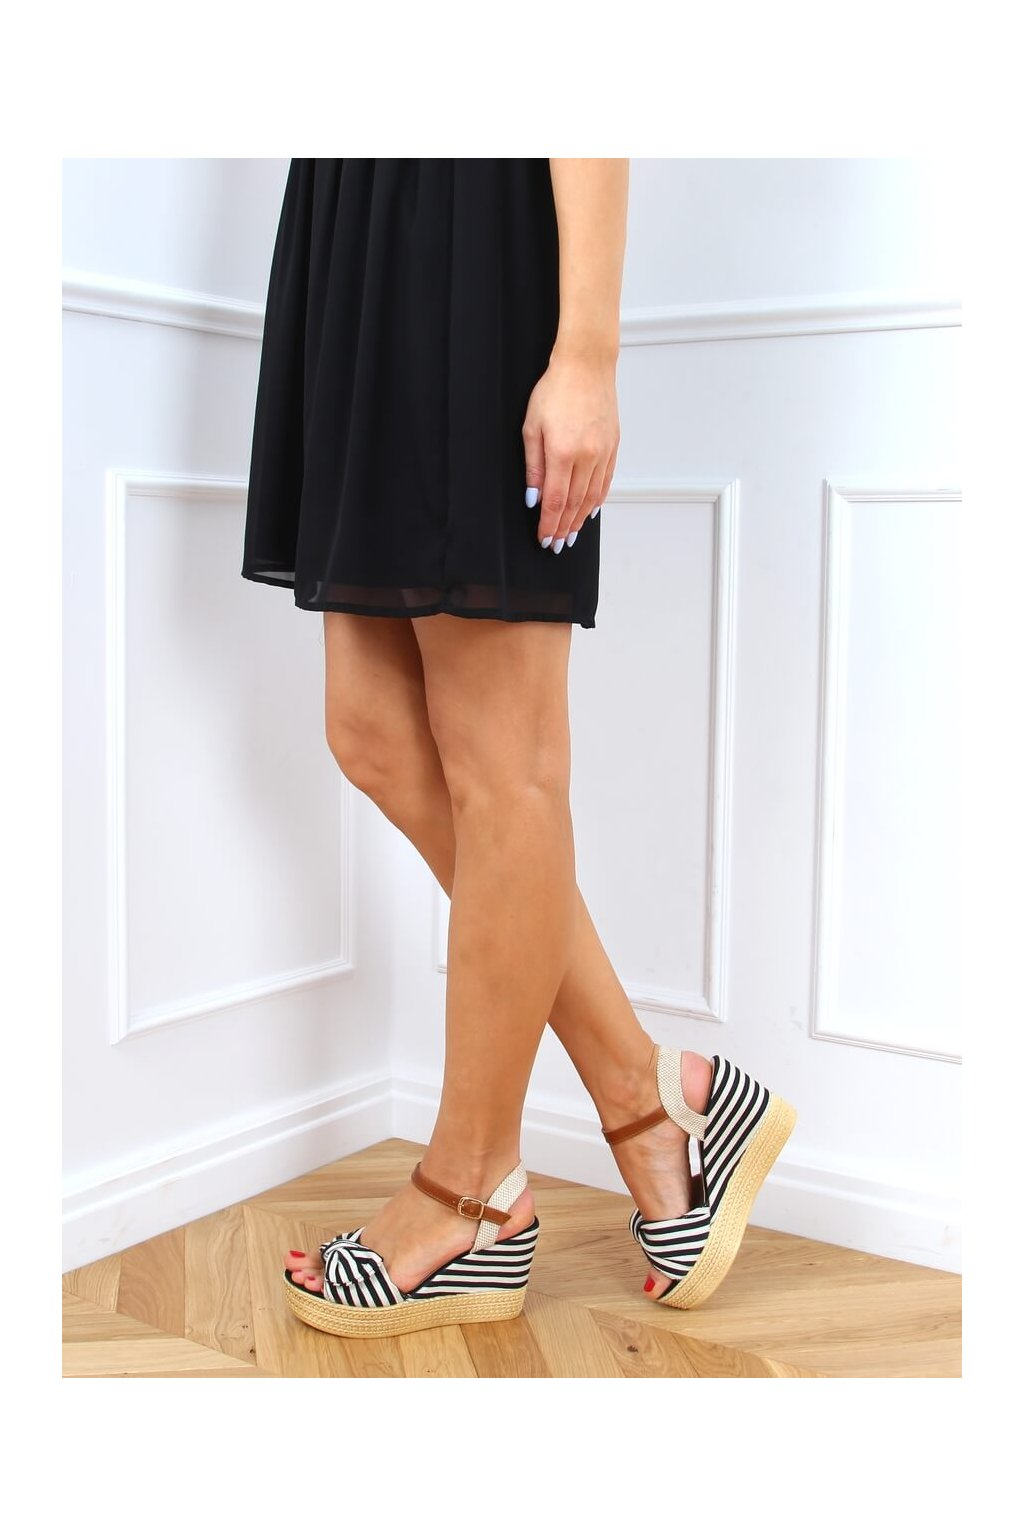 Dámske sandále čierne na platforme NJSK A89907